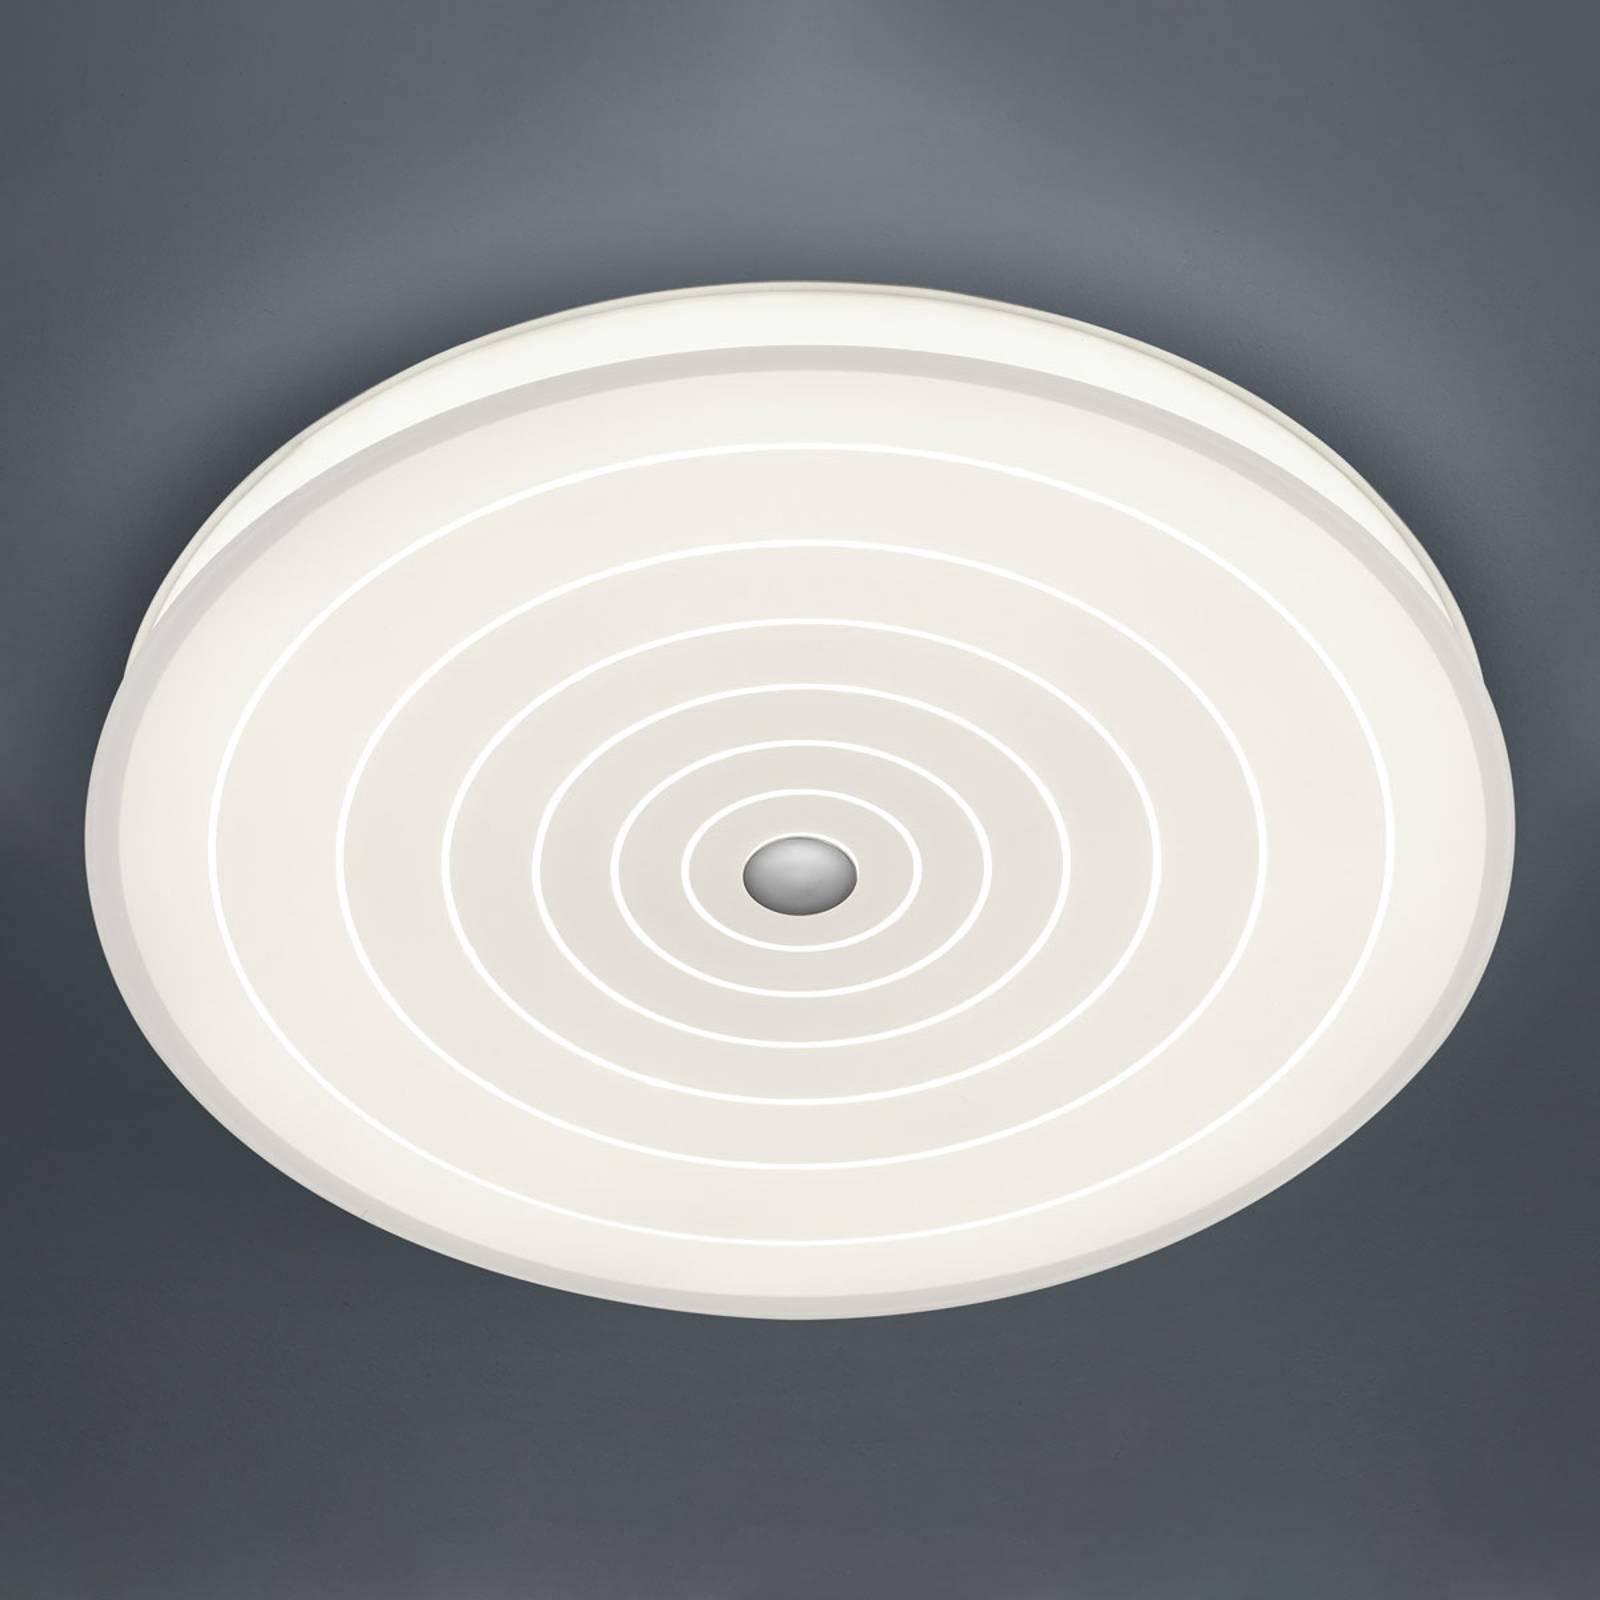 BANKAMP Mandala LED-kattovalaisin ympyrät, Ø 52 cm